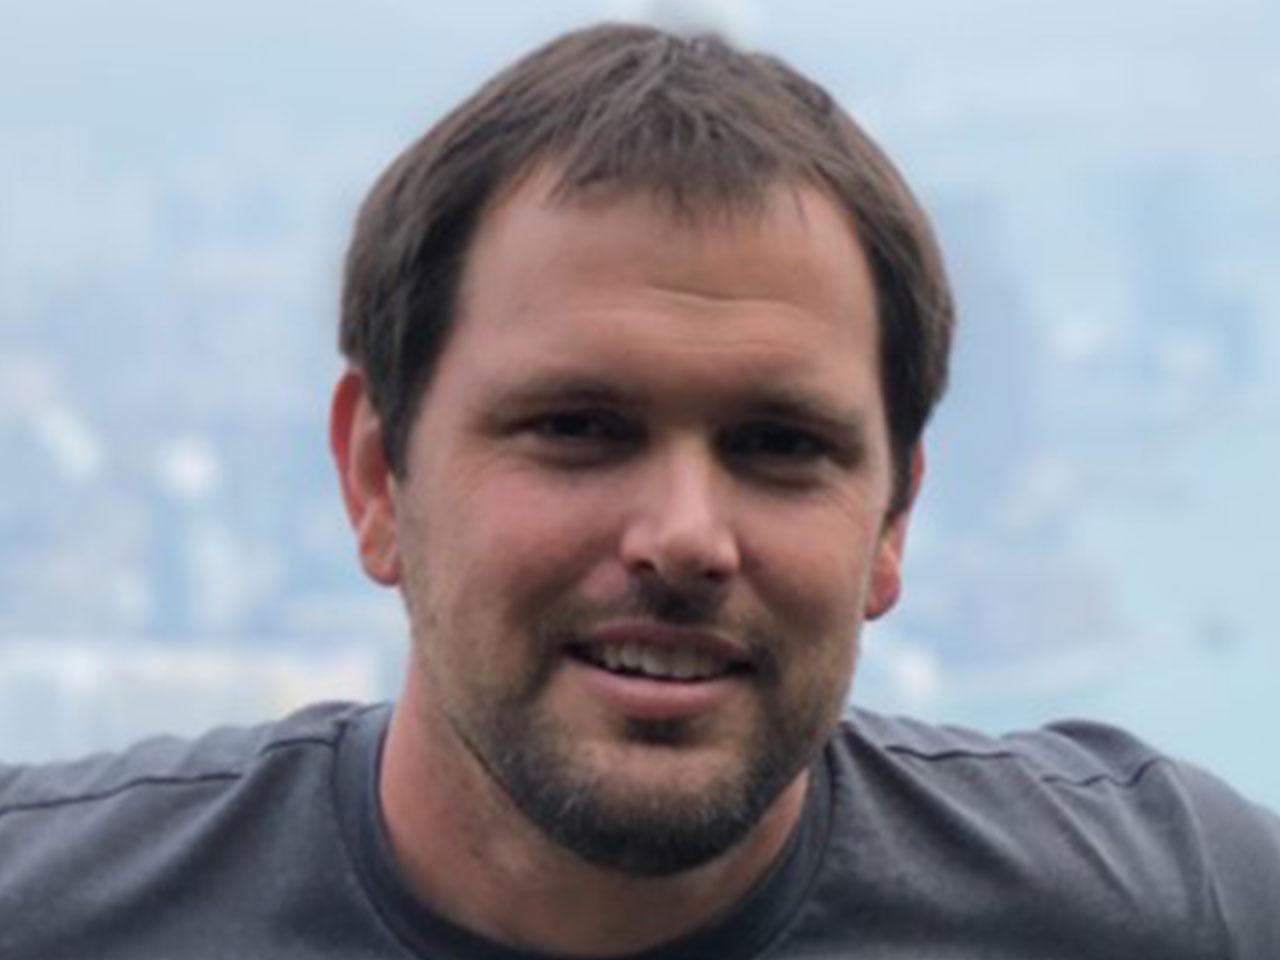 Evan Oglesby